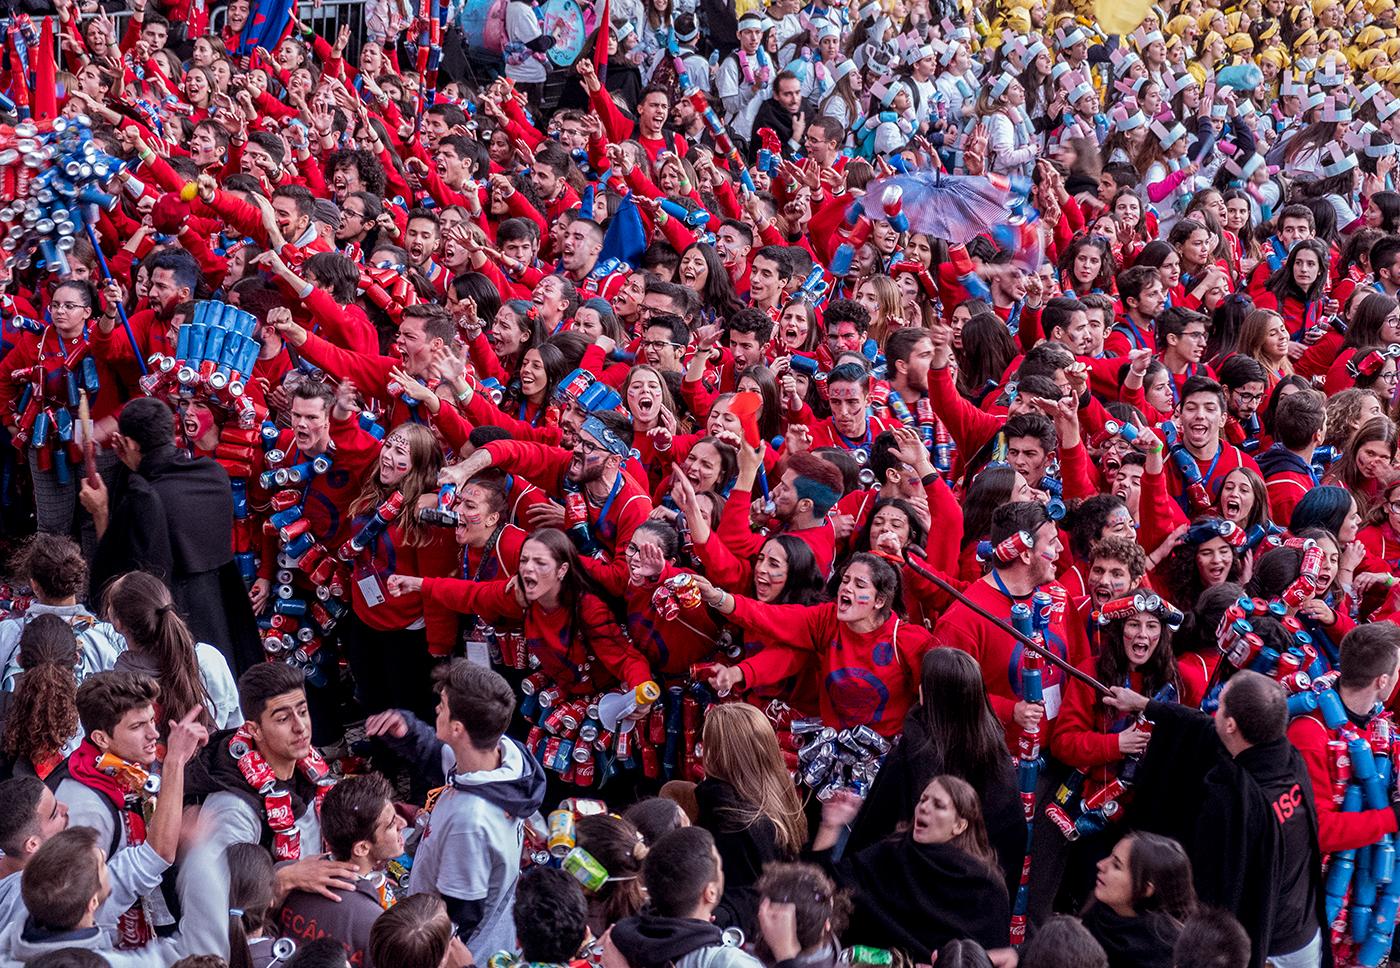 Полный гаудеамус... День первокурсника в Португалии.